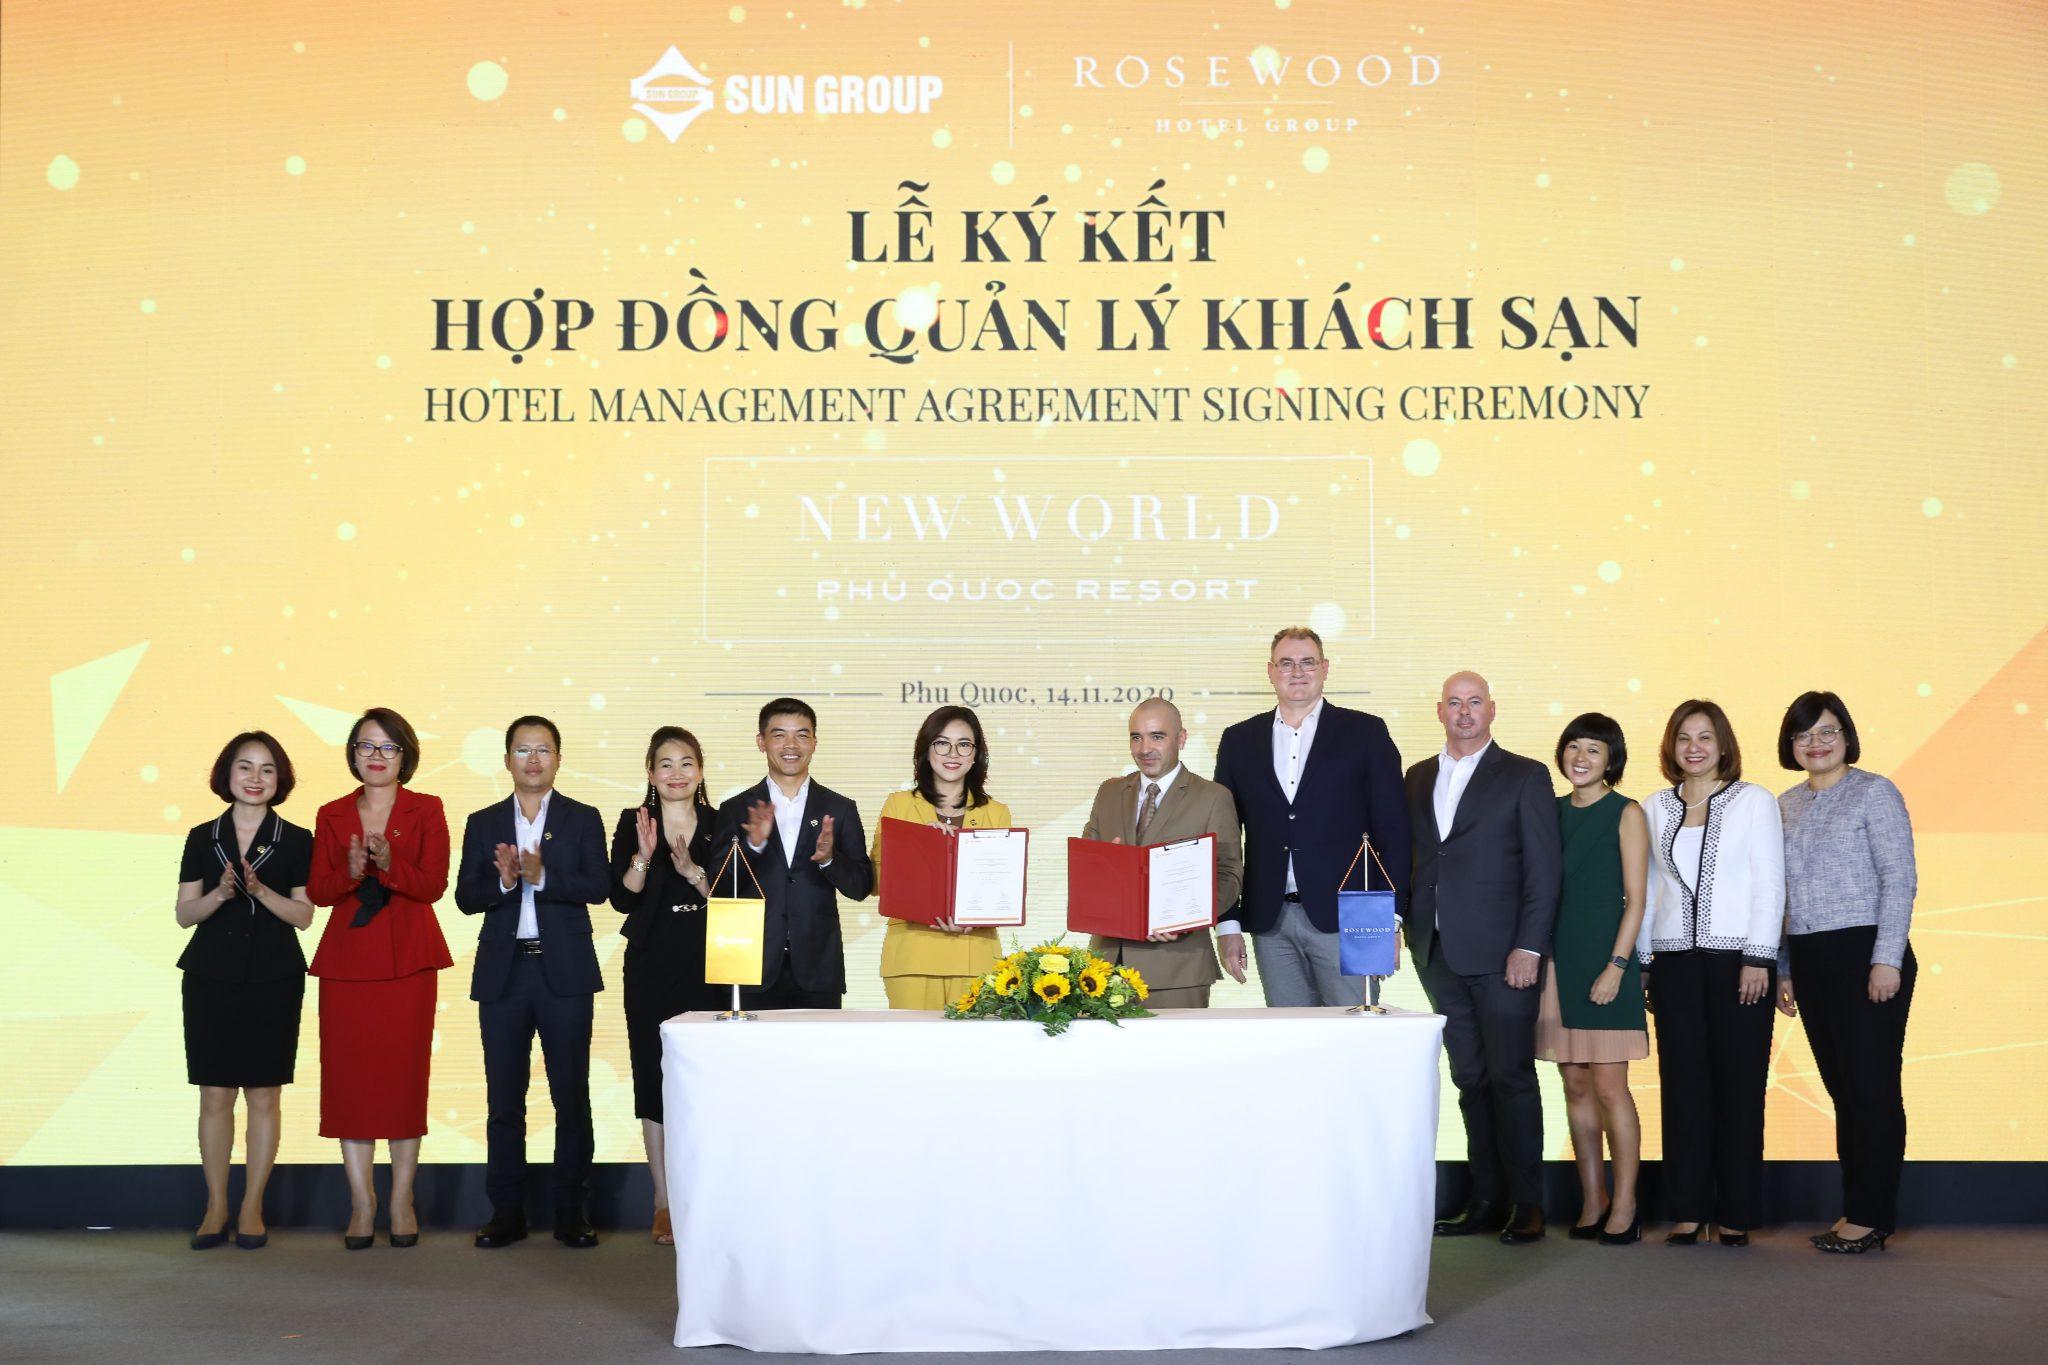 Lễ ký kết hợp tác giữa Tập đoàn Sun Group và Rosewood Hotel Group